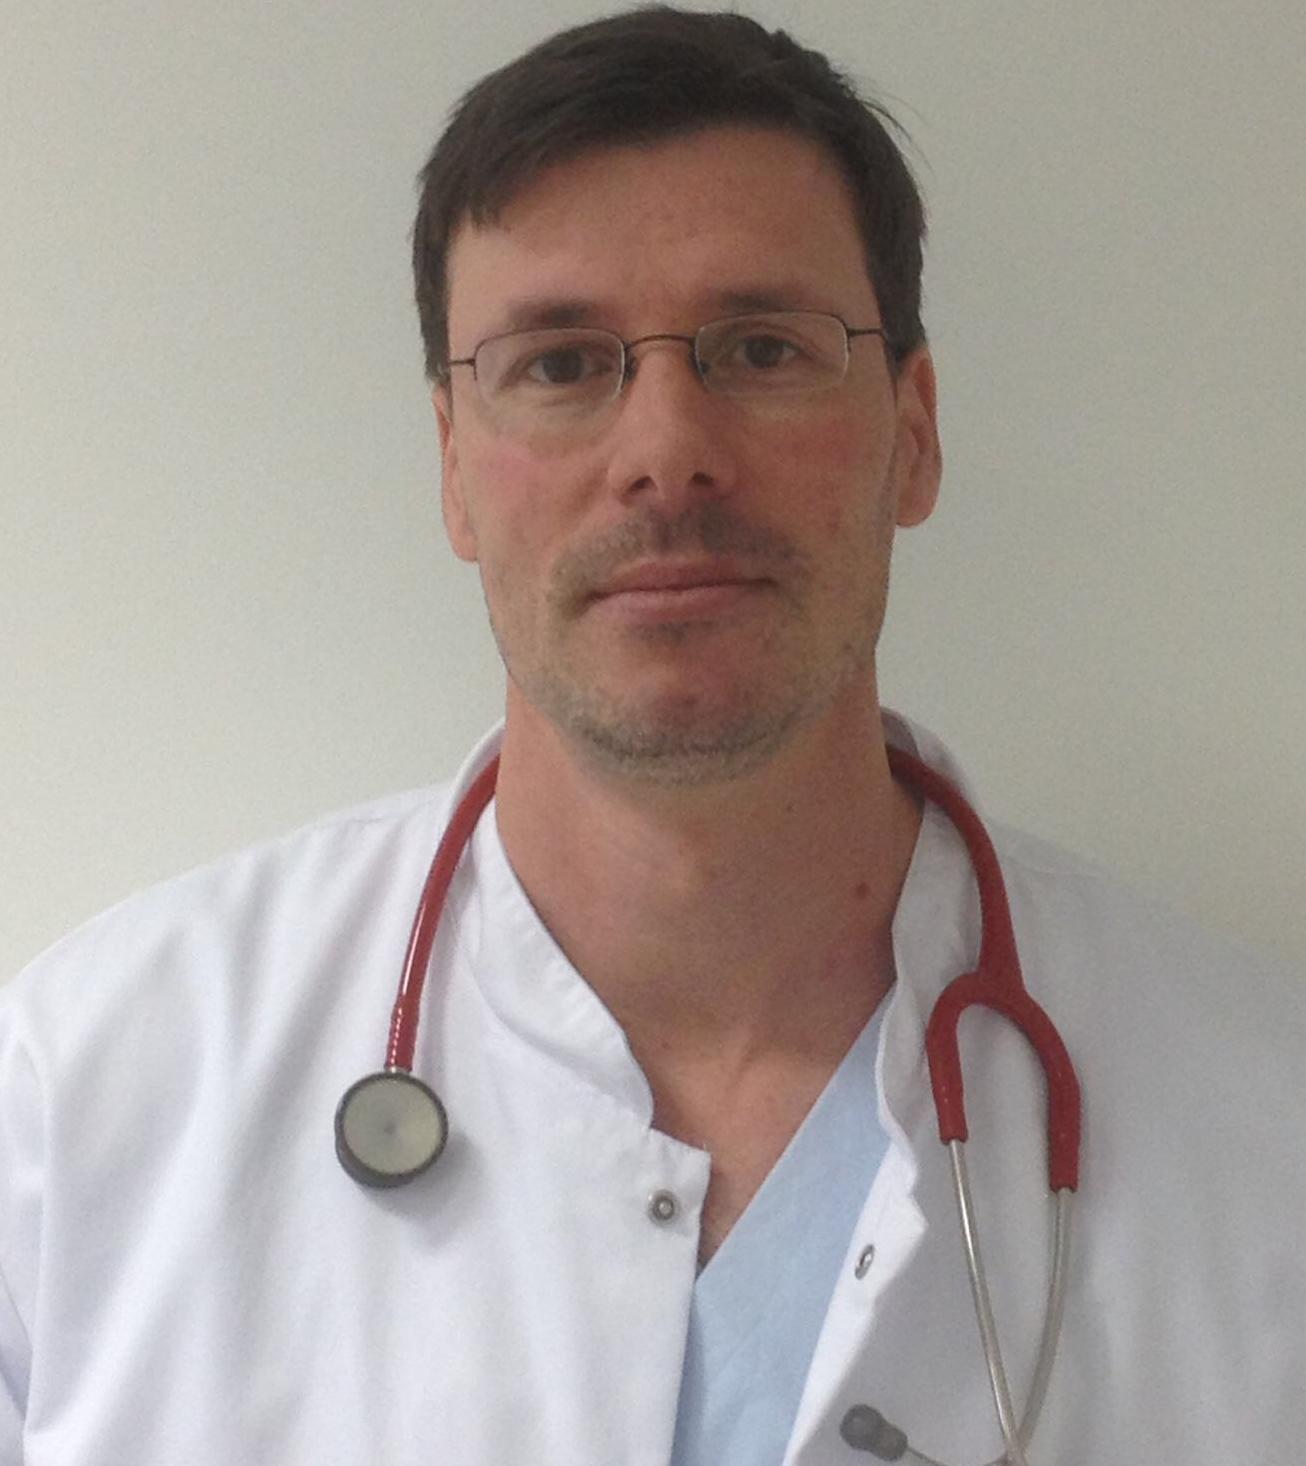 Oberarzt Dipl.-med. Daniel Vilser